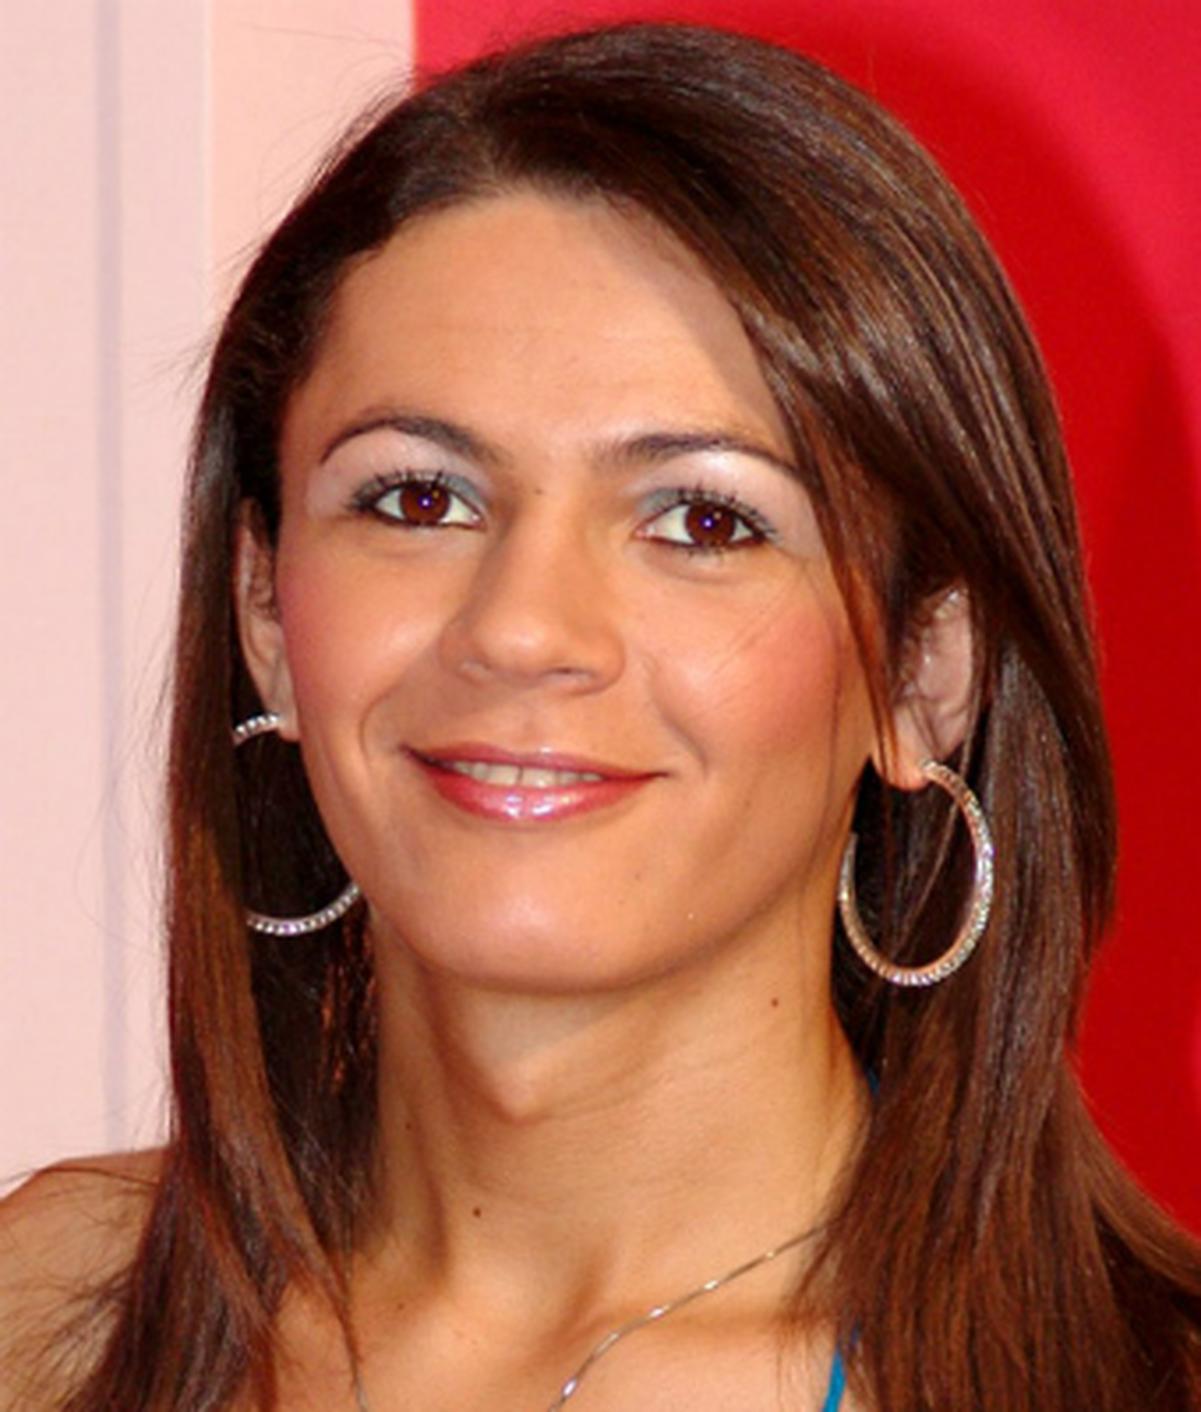 Kelly Ohana